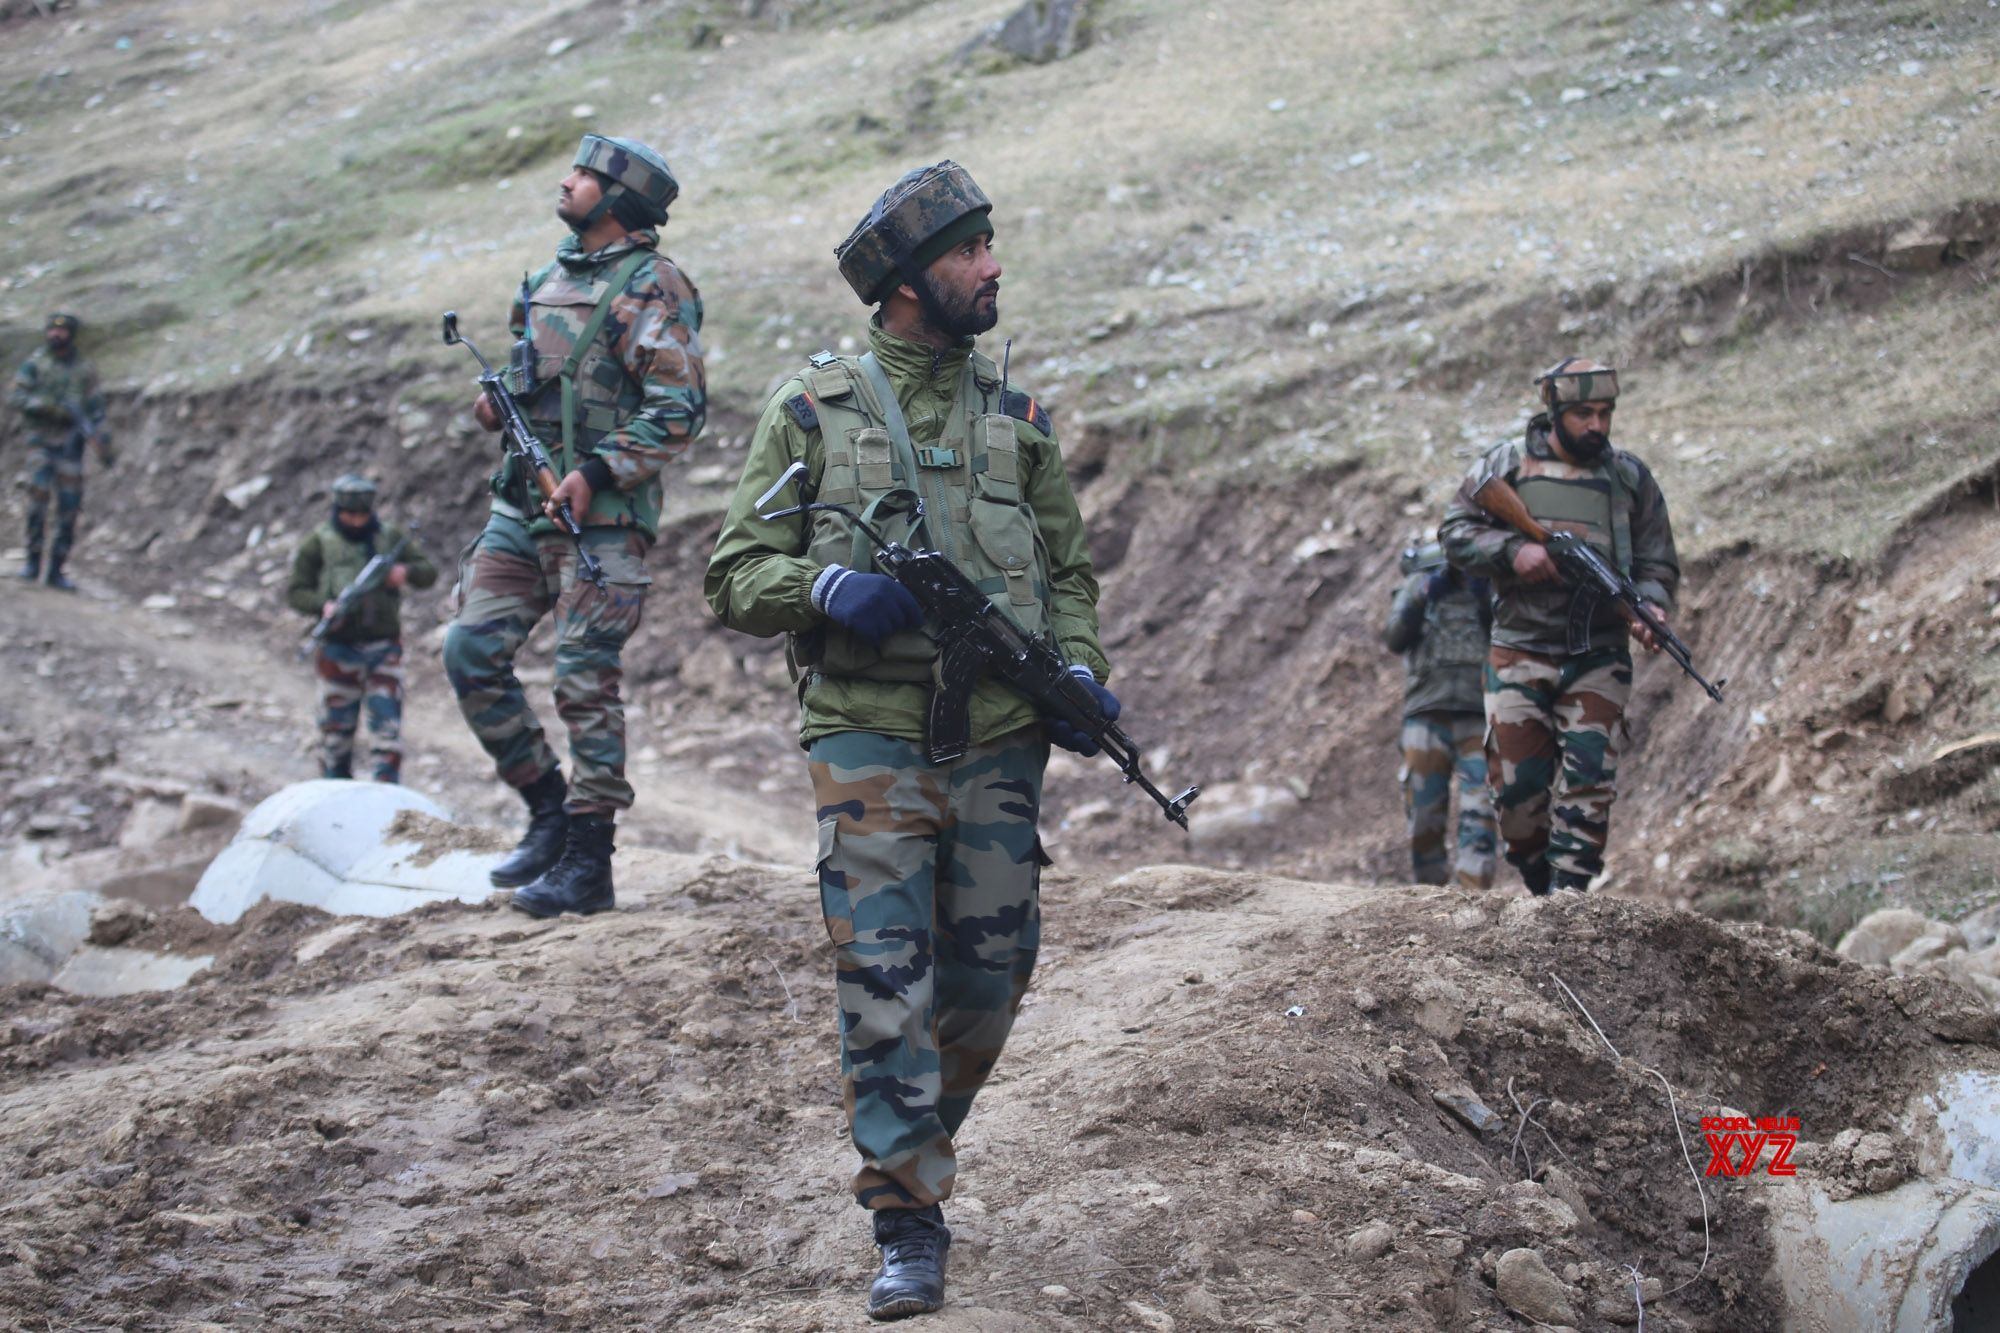 Army soldier injured in blast near LoC